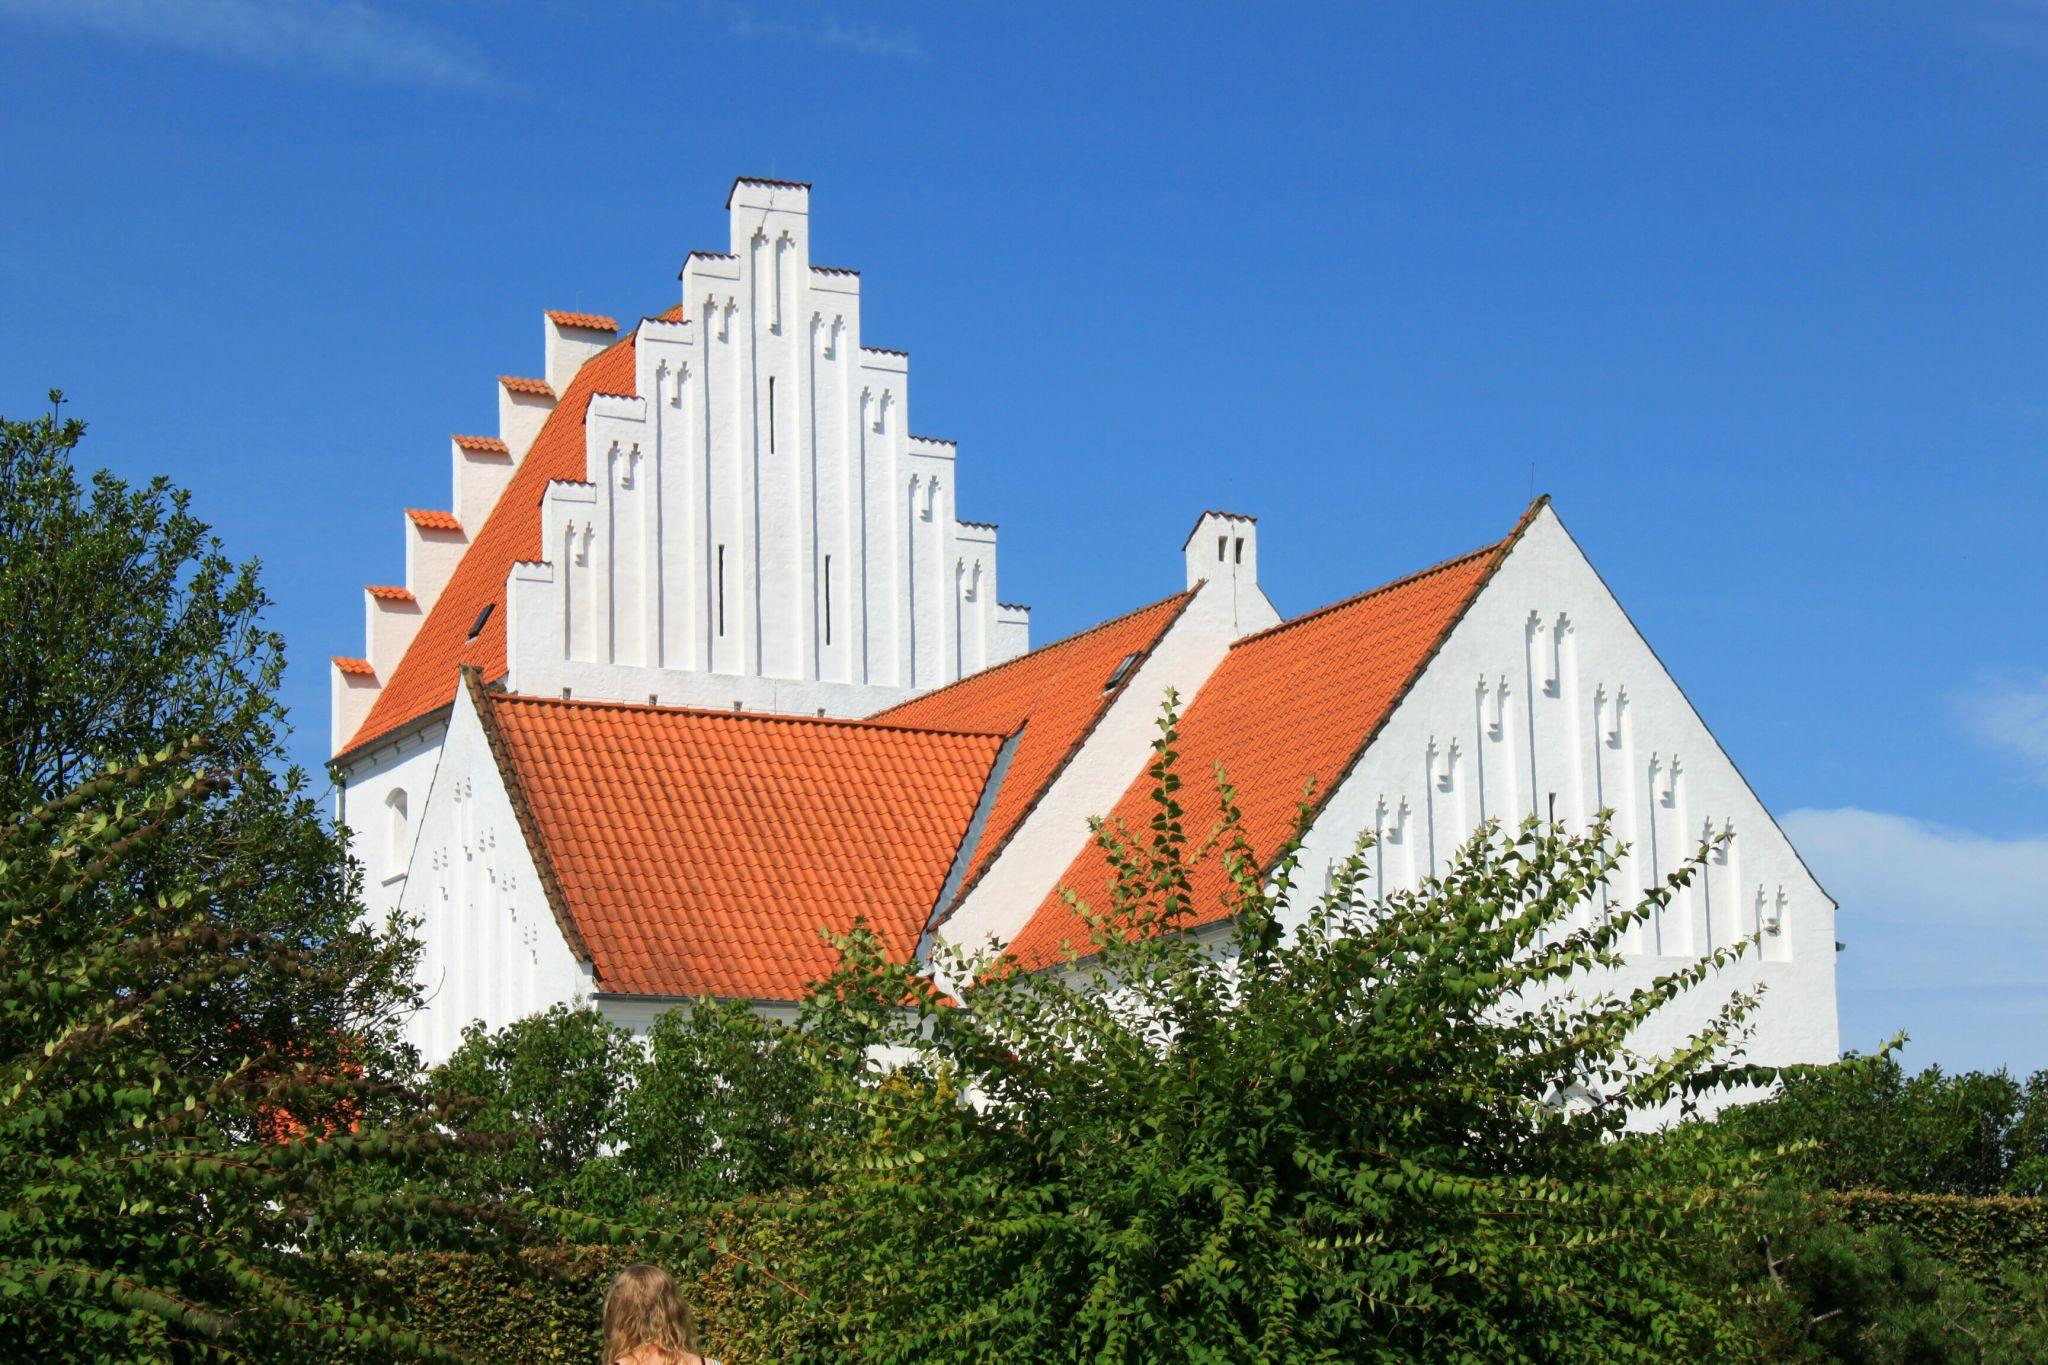 Rinkenaes Korskirke, Denmark